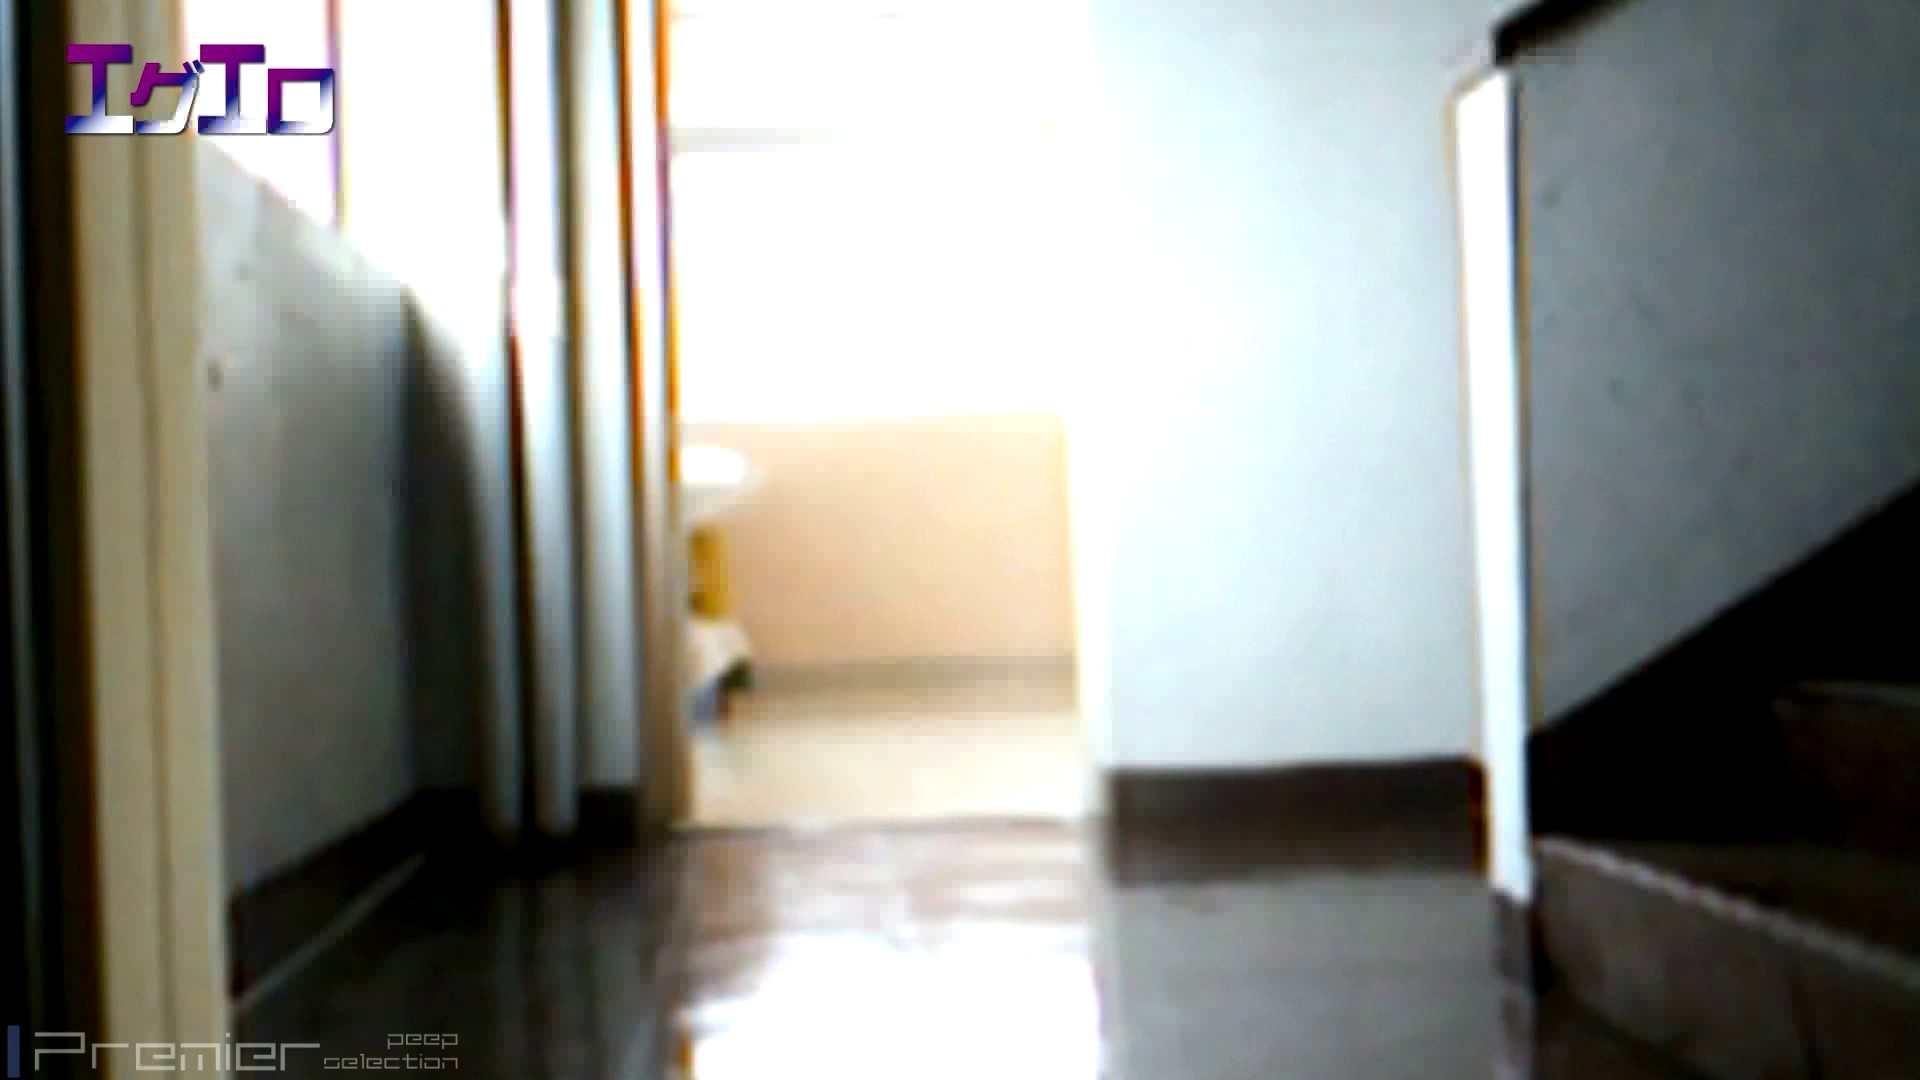 至近距離洗面所 Vol.10ブルージーンズギャルの大放nyo OL | ギャル・コレクション  61連発 11